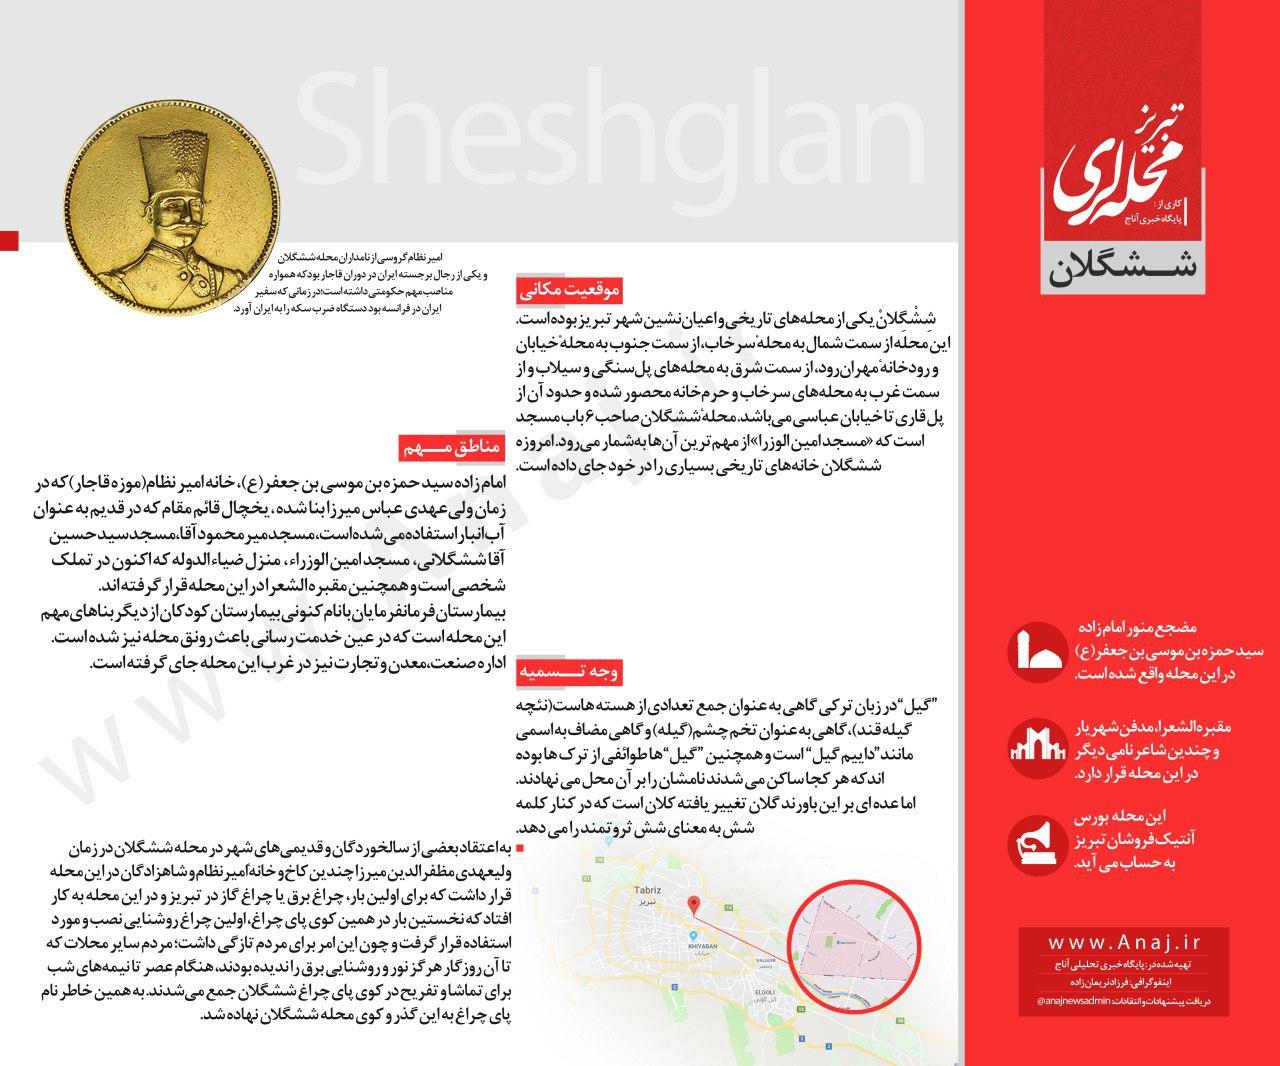 معرفی محله ششگلان تبریز